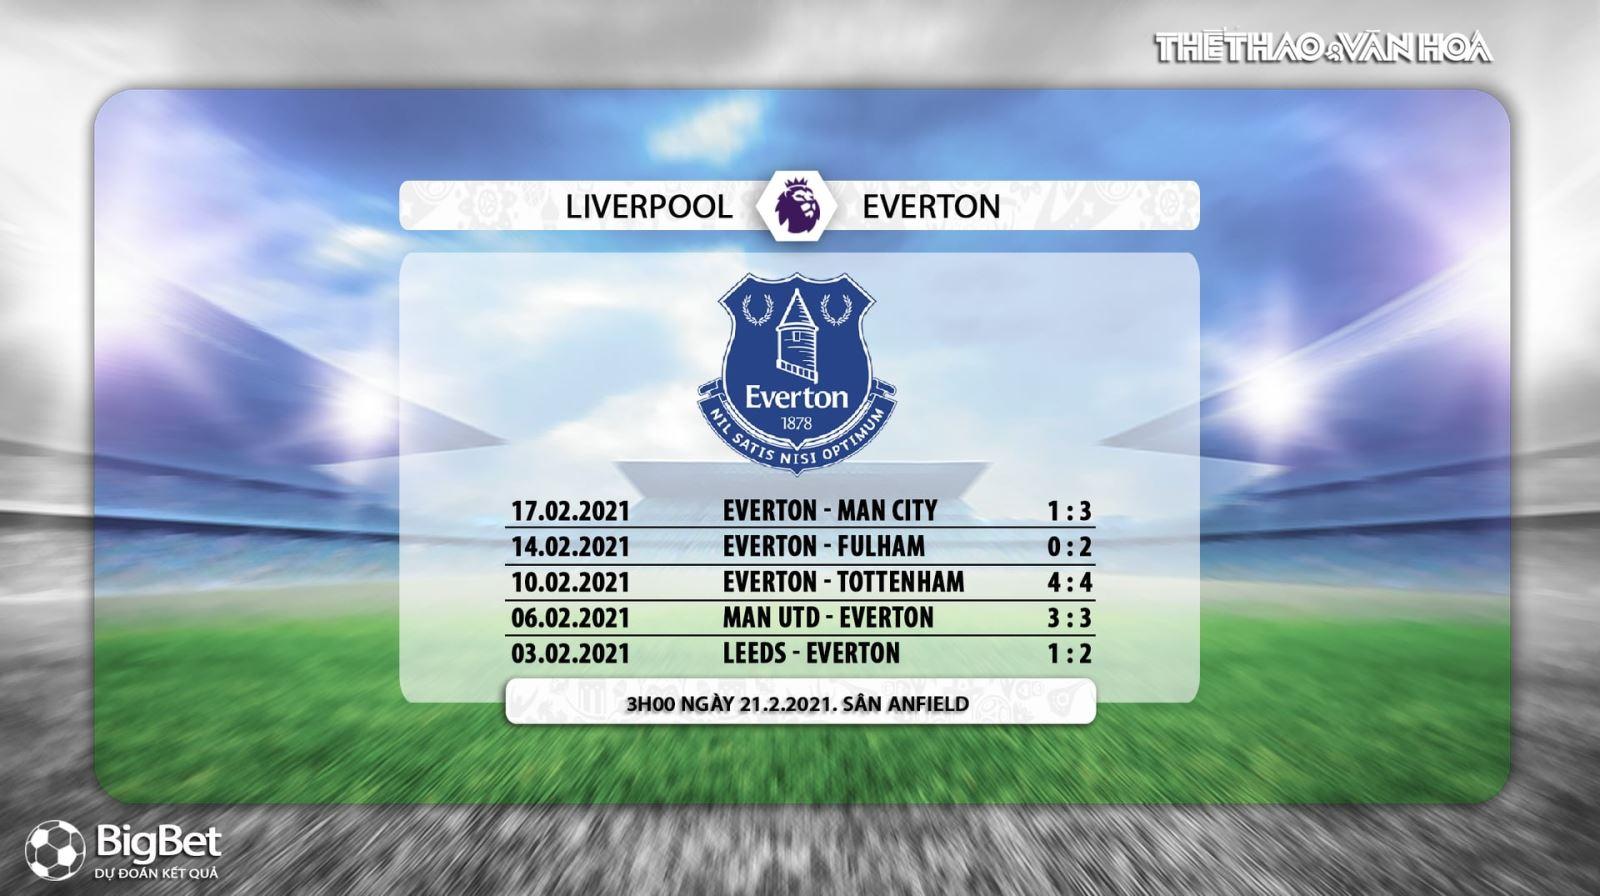 Keo nha cai, kèo nhà cái,Liverpool vs Everton, K+, K+PM trực tiếp bóng đá Ngoại hạng Anh,Truc tiep bong da, Trực tiếp bóng đá Liverpool đấu với Everton, Kèo Liverpool